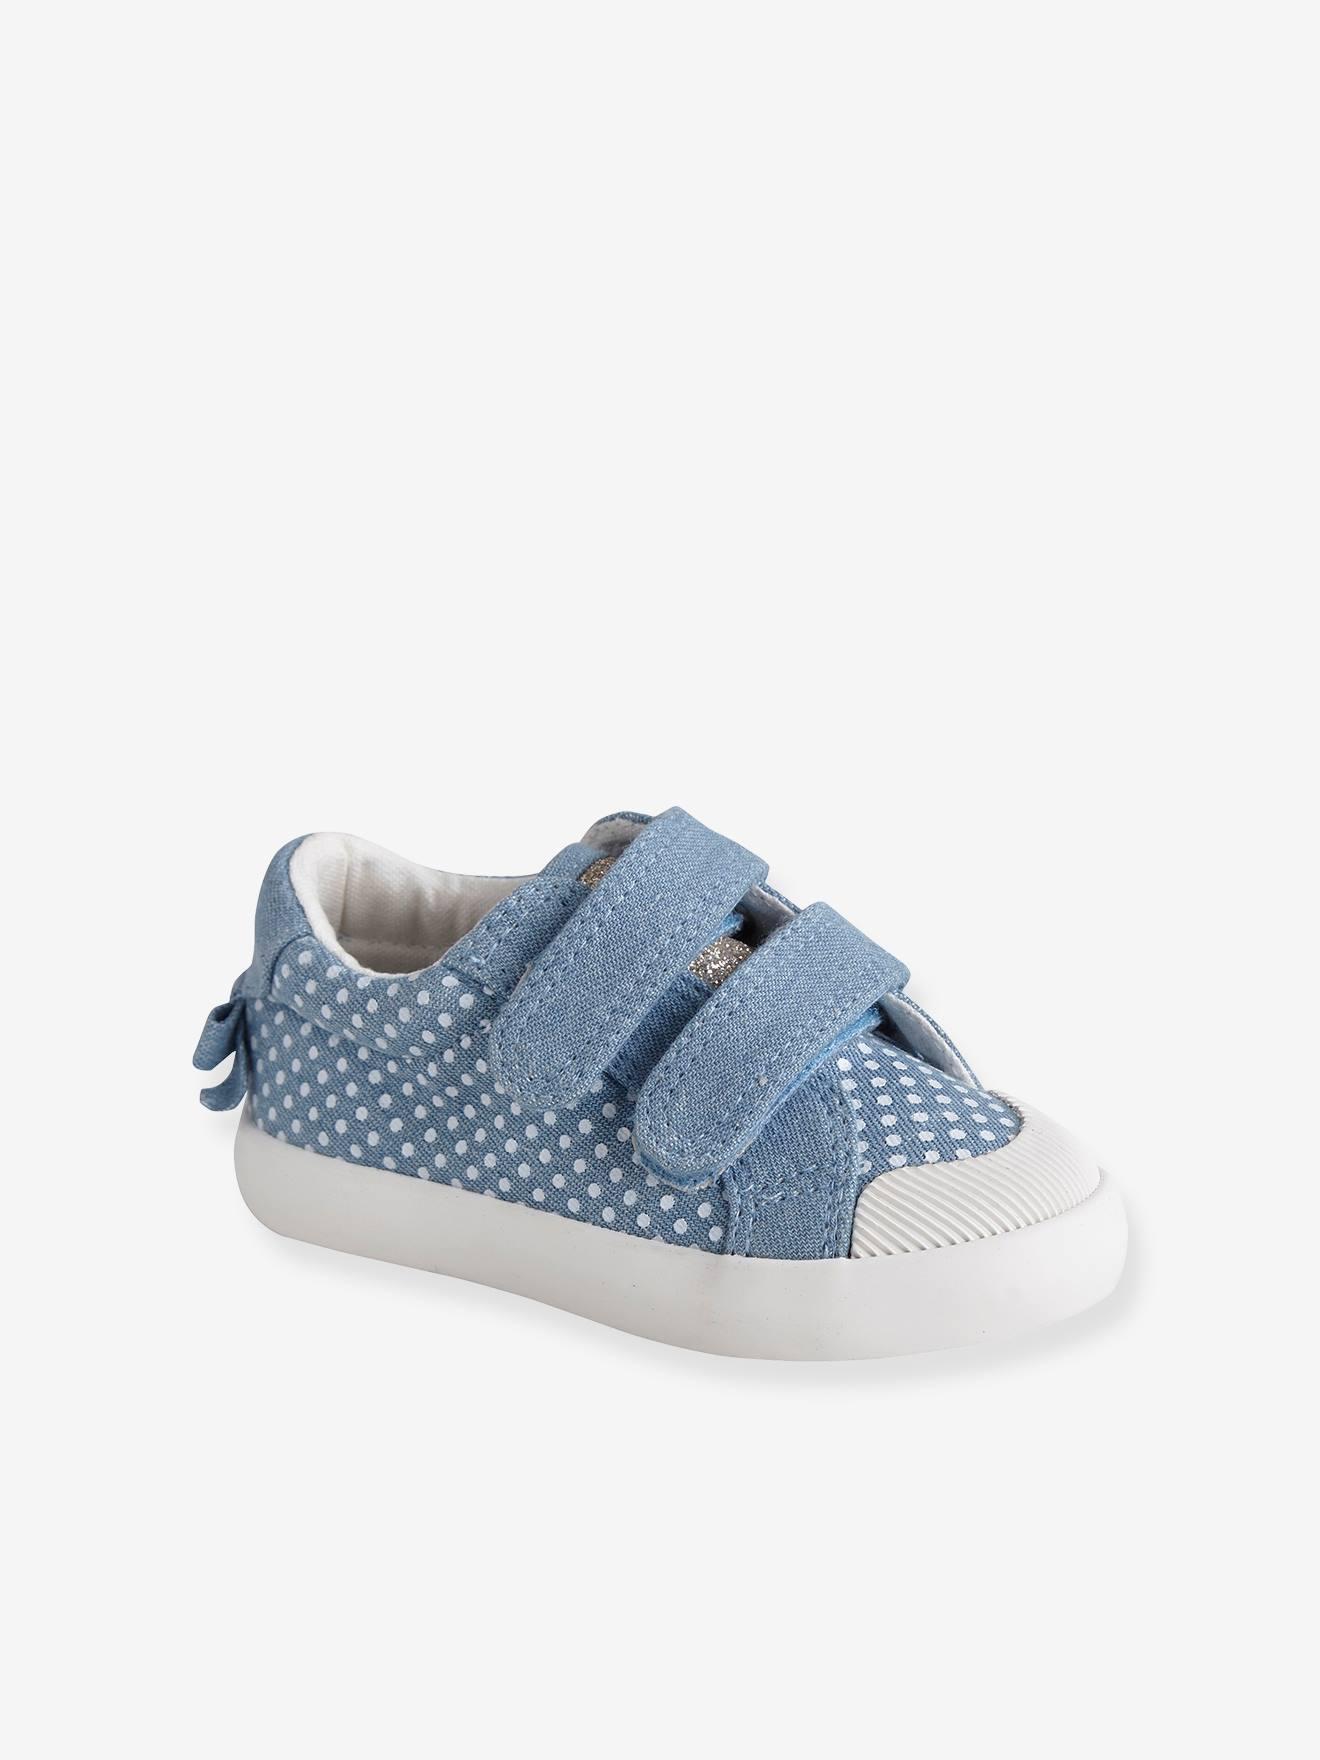 Baskets scratchées bébé fille en toile blanc Vertbaudet